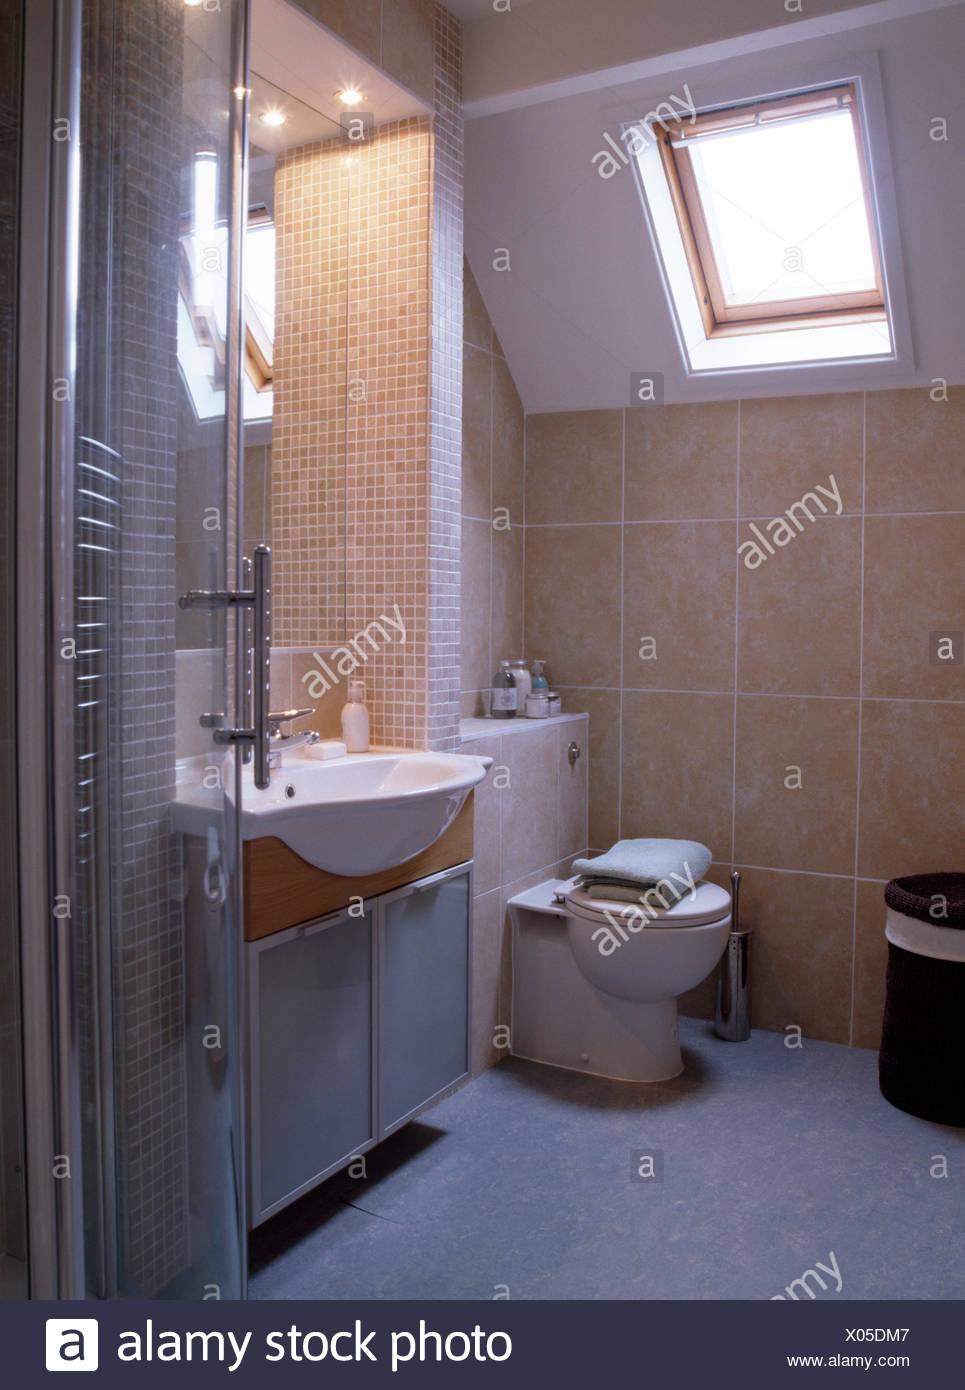 Piastrelle Piccole Per Bagno.Finestra Velux Sopra Wc In Piccole Piastrelle Bagno Soffitta Foto